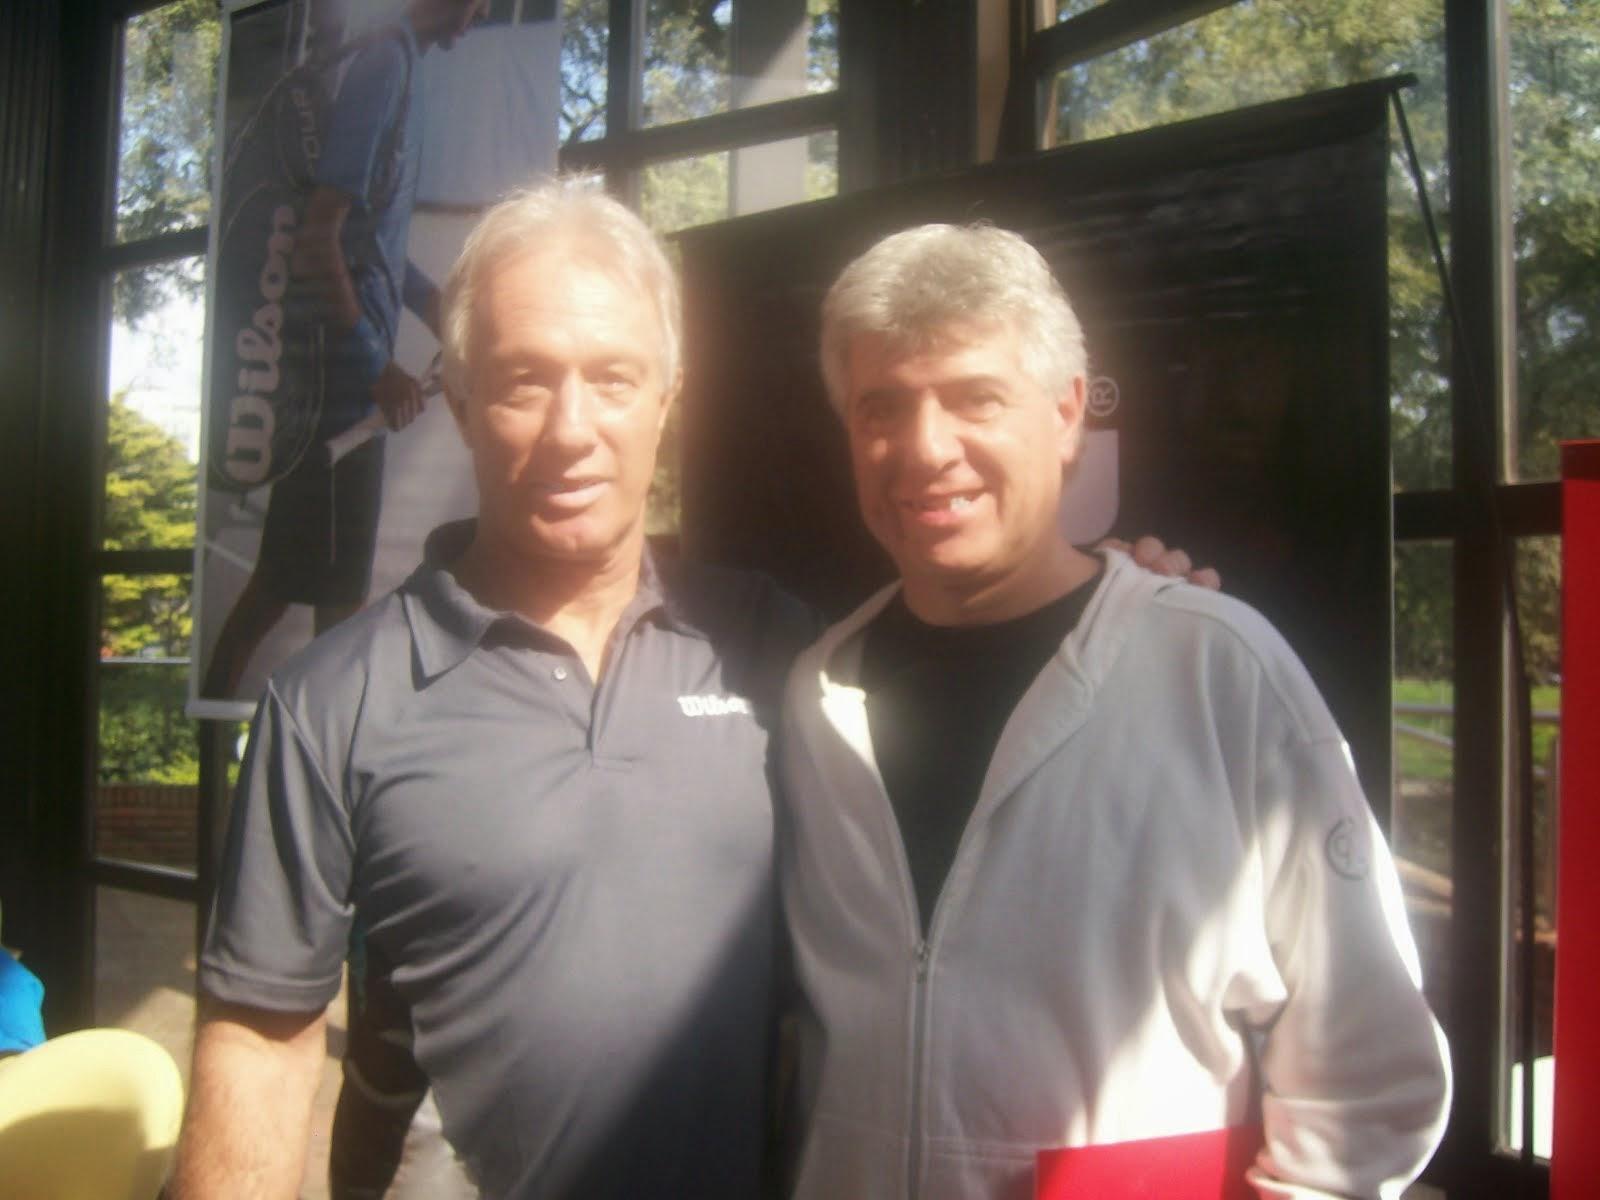 Con Tony Pena (Coach y comentarista de ESPN)